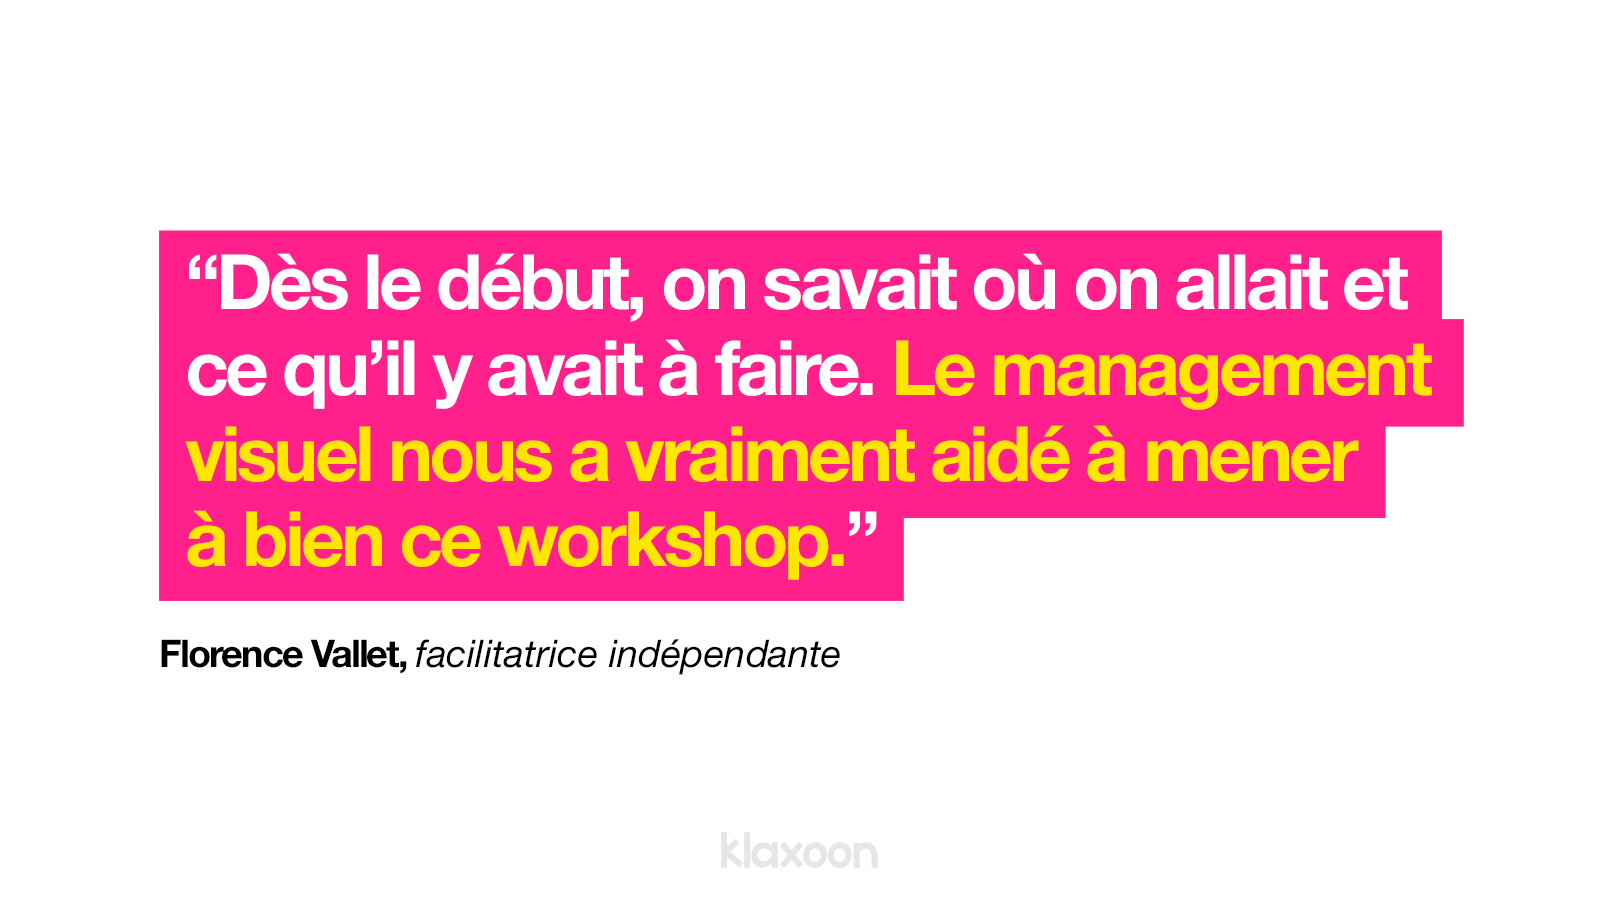 Management visuel et workshop  Klaxoon